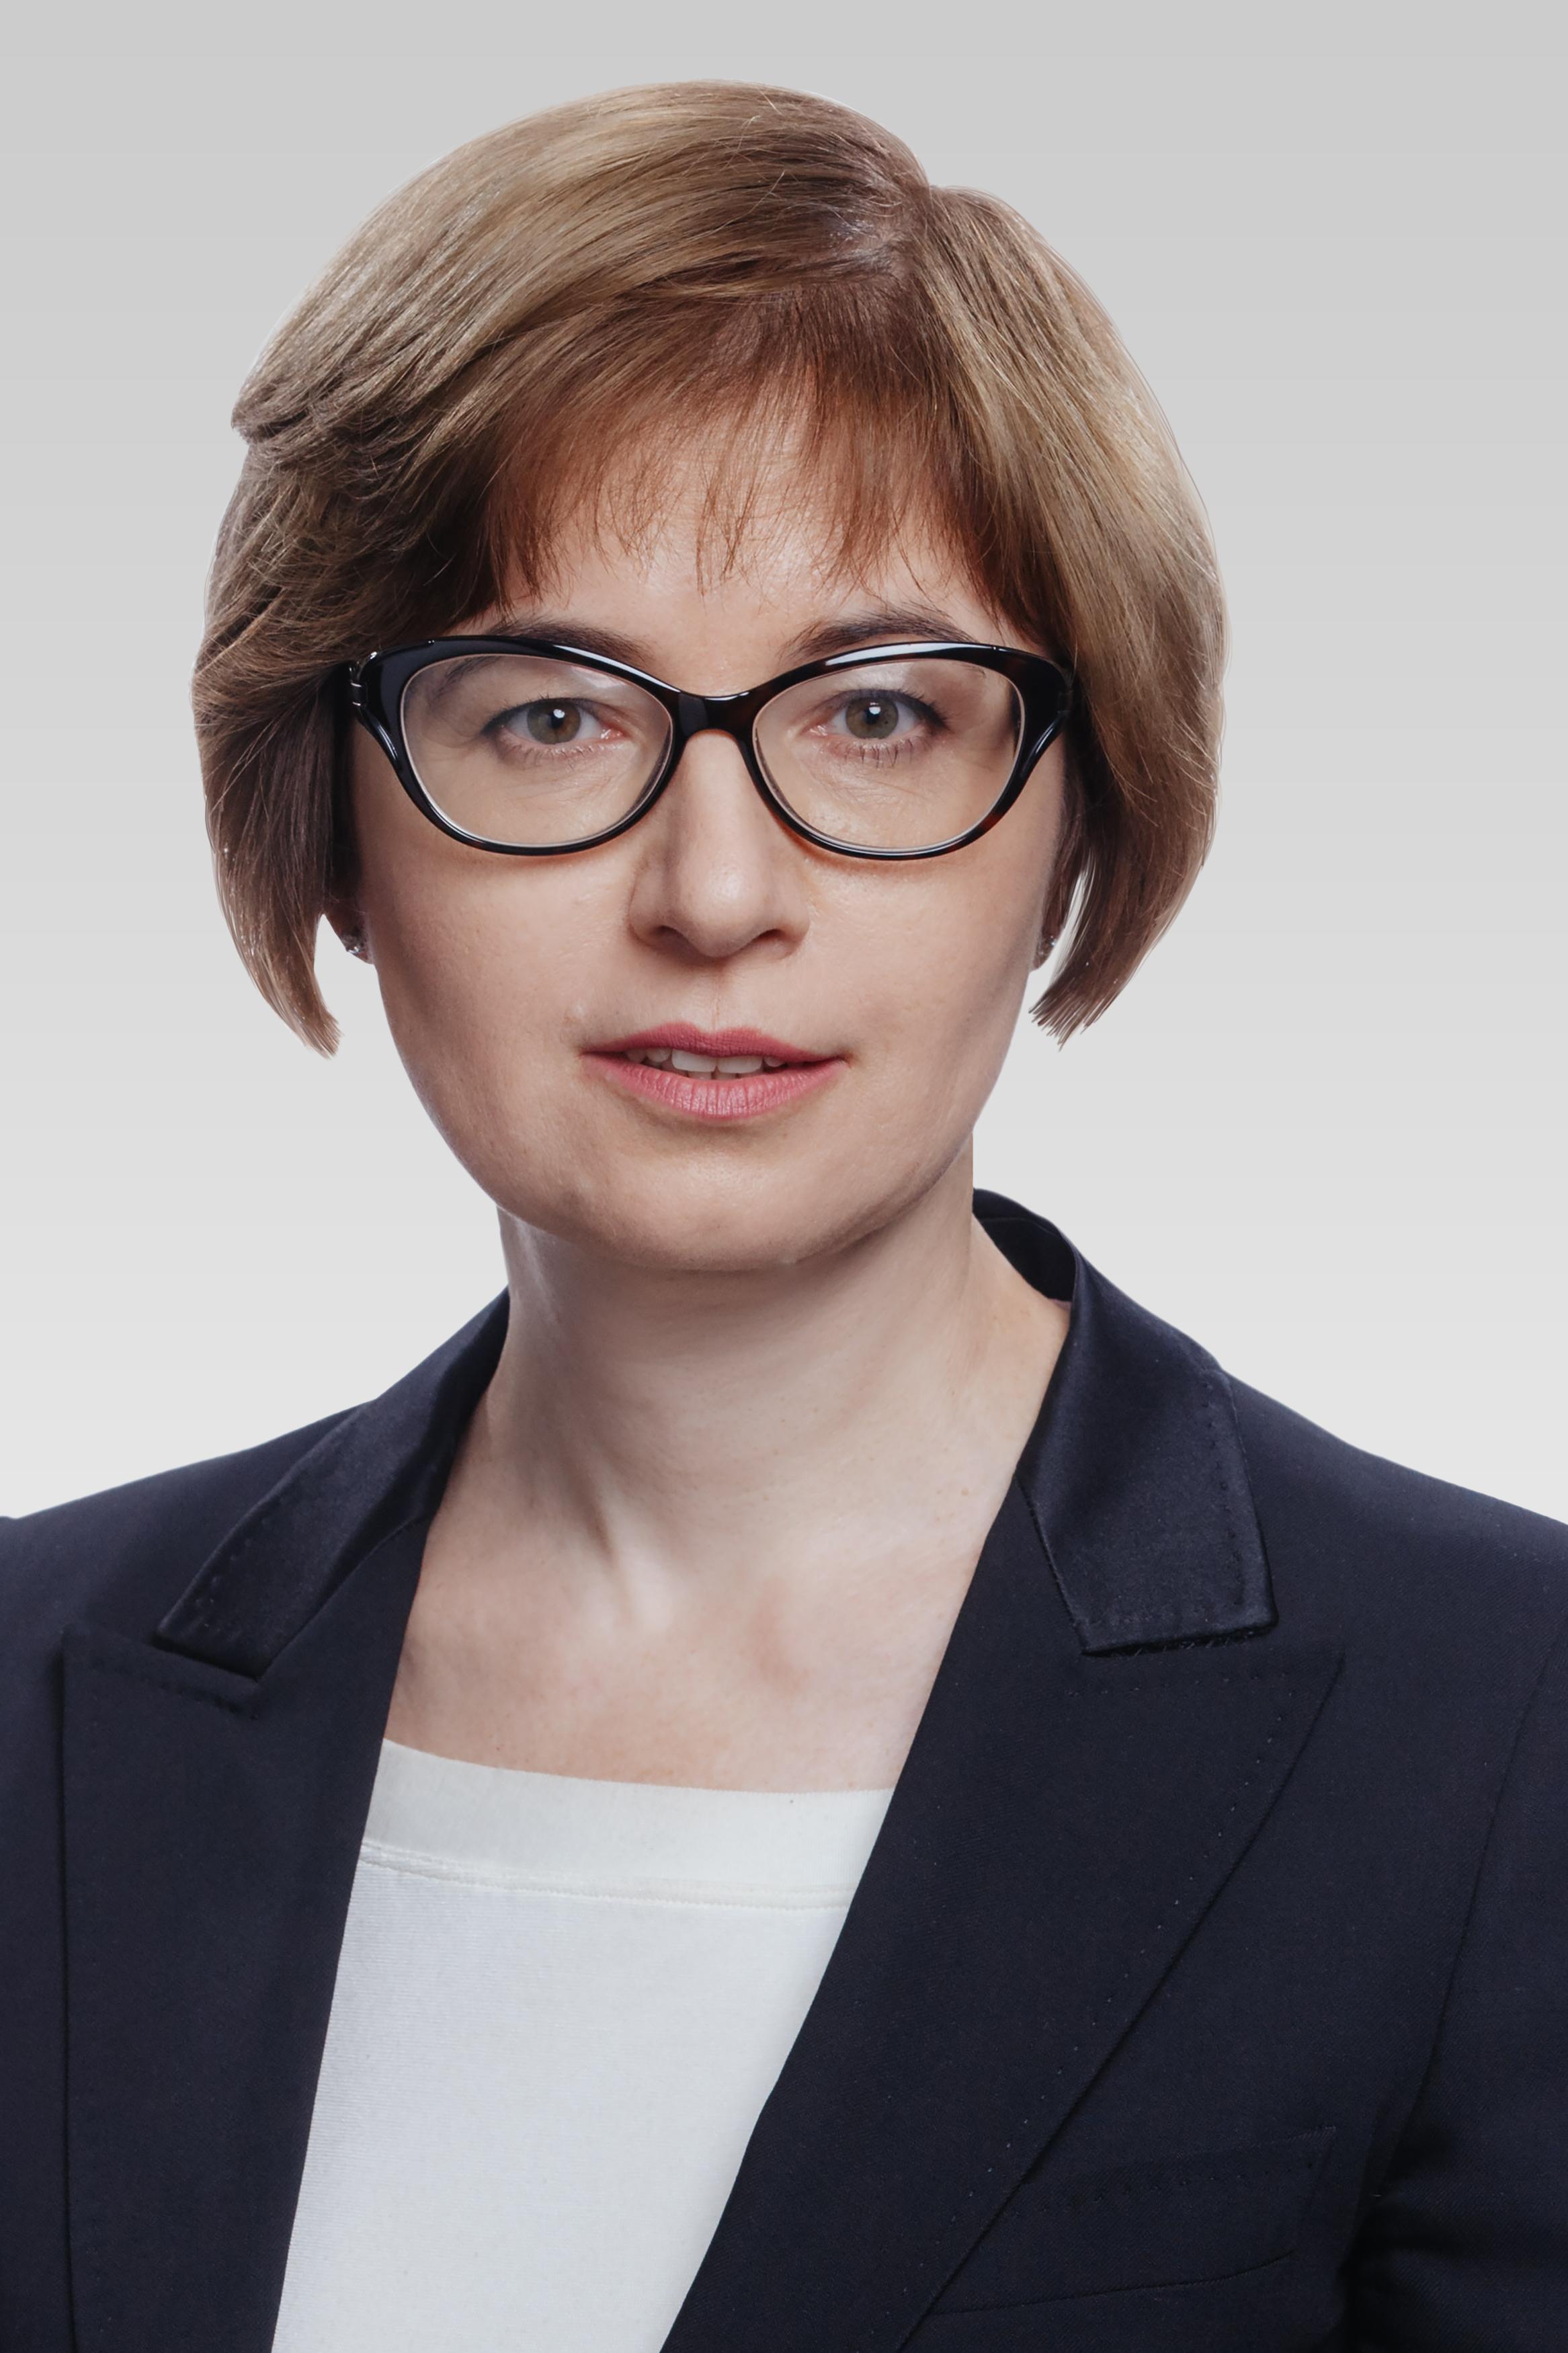 Юдаева Ксения Валентиновна